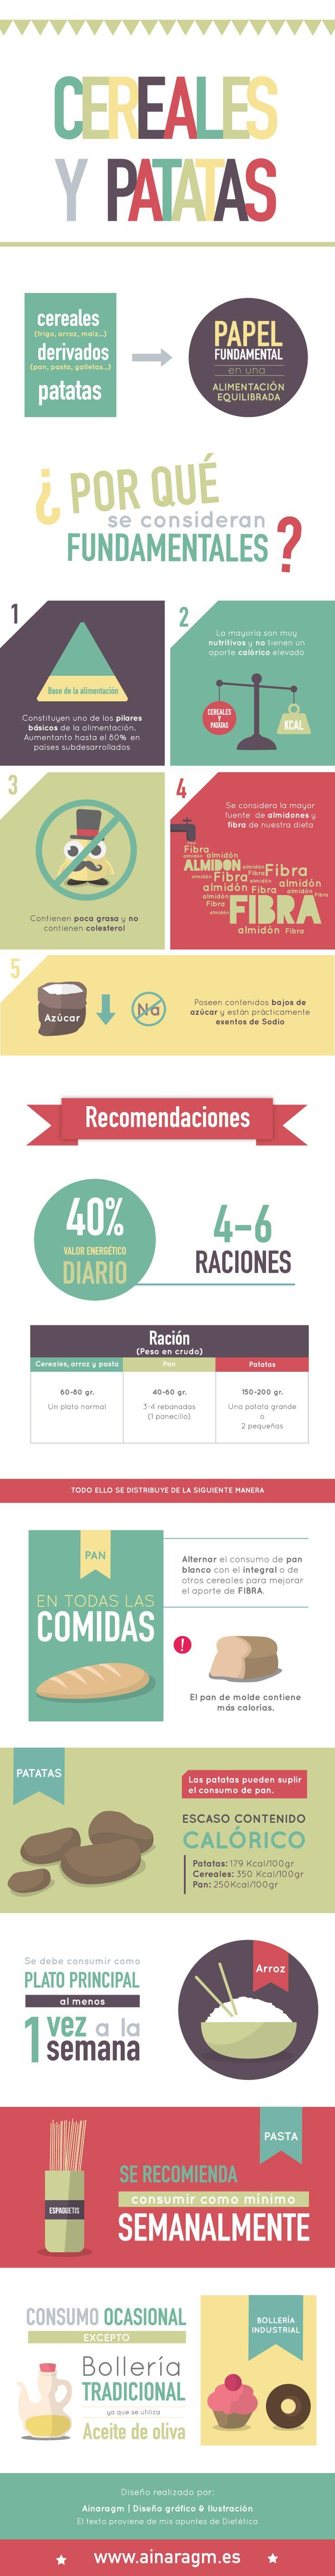 Infografía sobre los cereales y las patatas #dietetica #dieta #salud #infografia #diseno